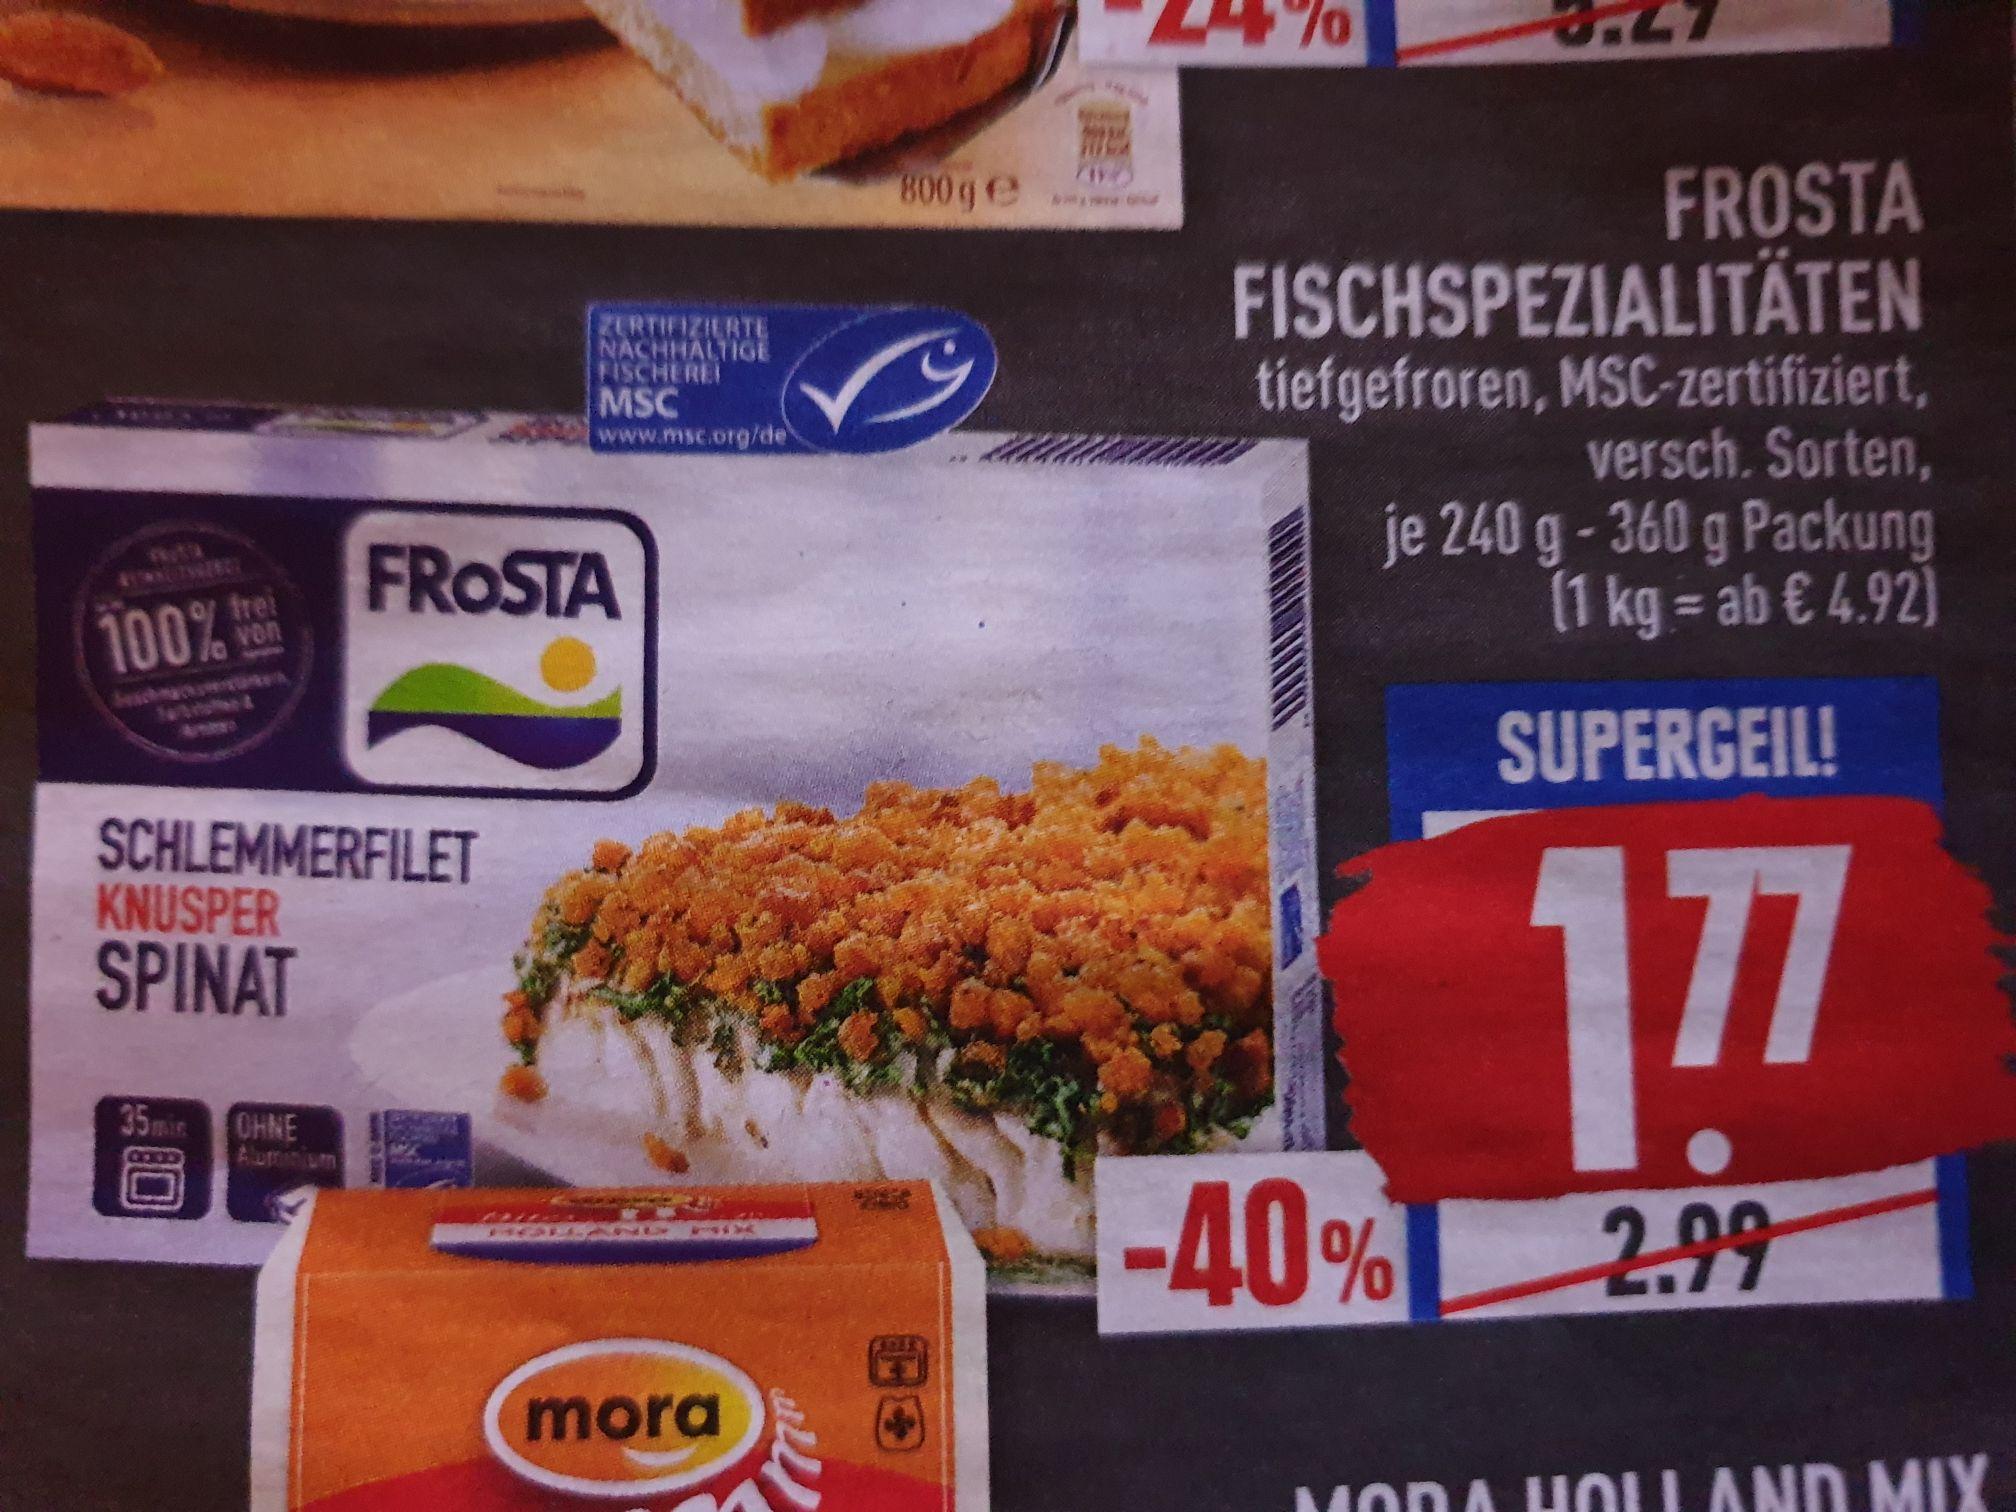 Frosta Fischspezialitäten, z.Bsp. Schlemmerfilet + weitere Sorten für 1,77€ ( Marktkauf +evtl. Edeka)